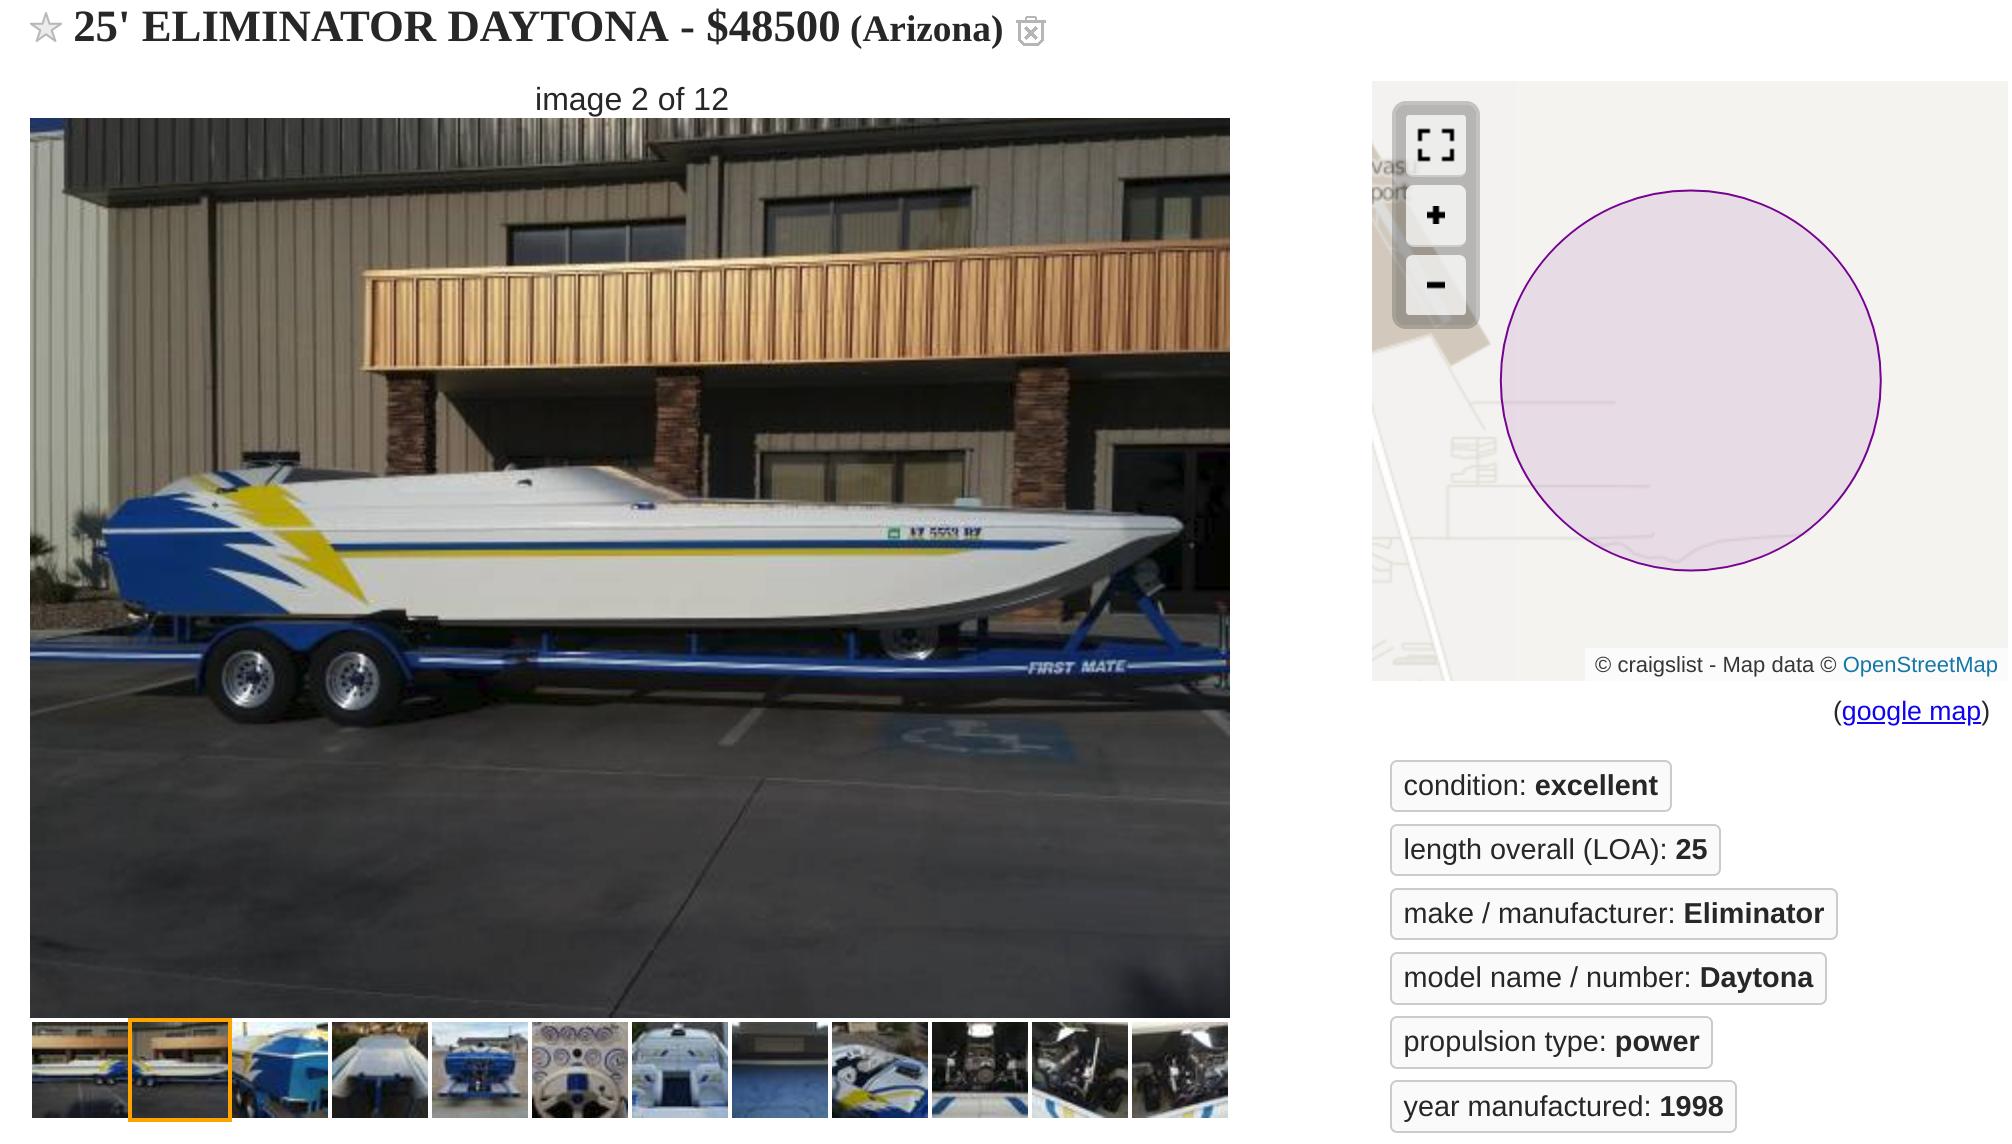 25 eliminator Daytona